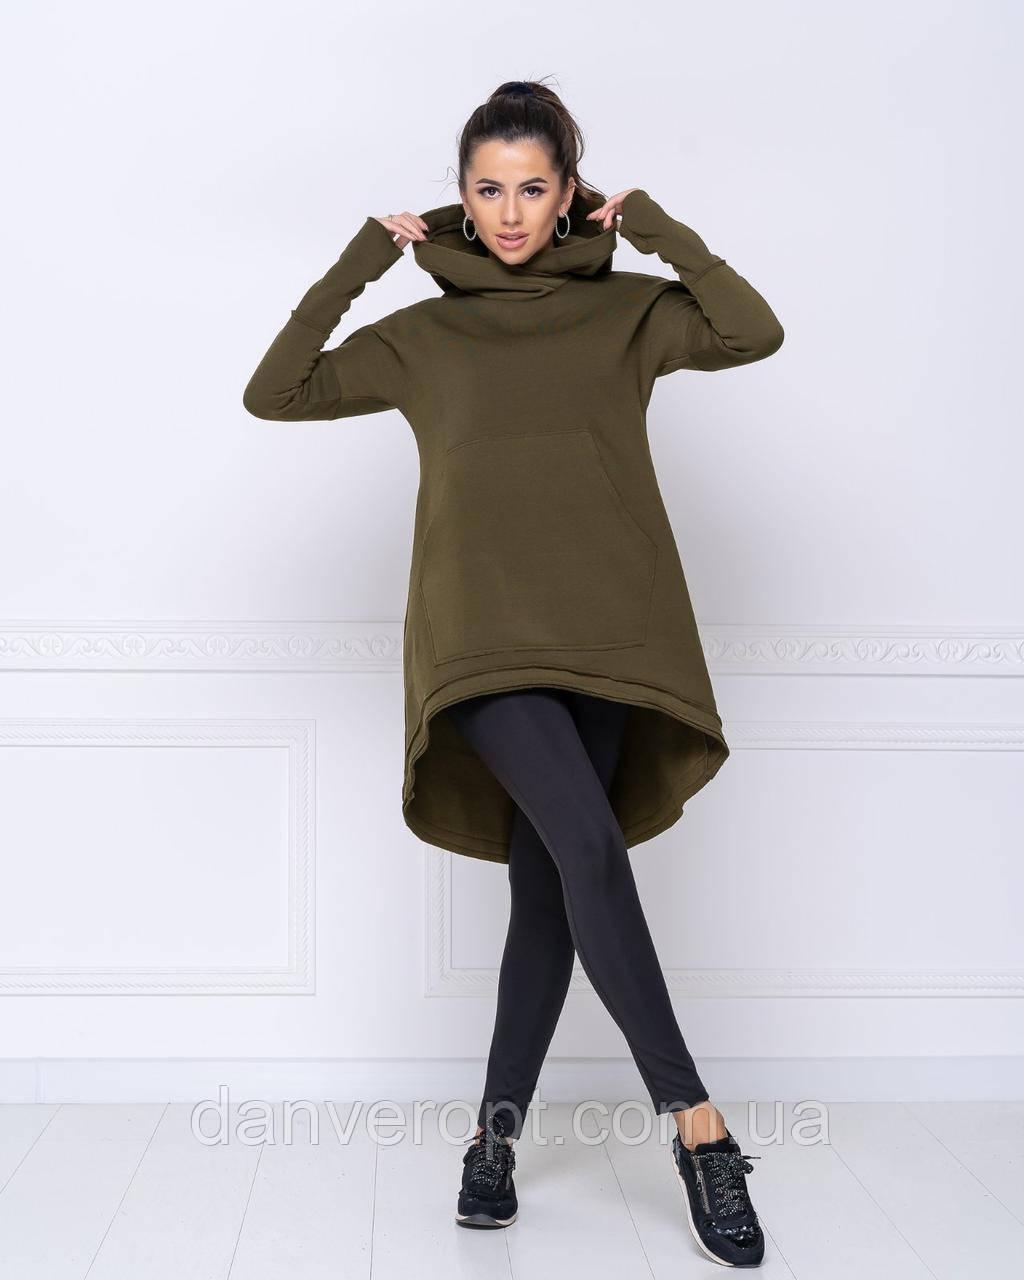 Туника женская стильная модная размер 42-48 купить оптом со склада 7км Одесса